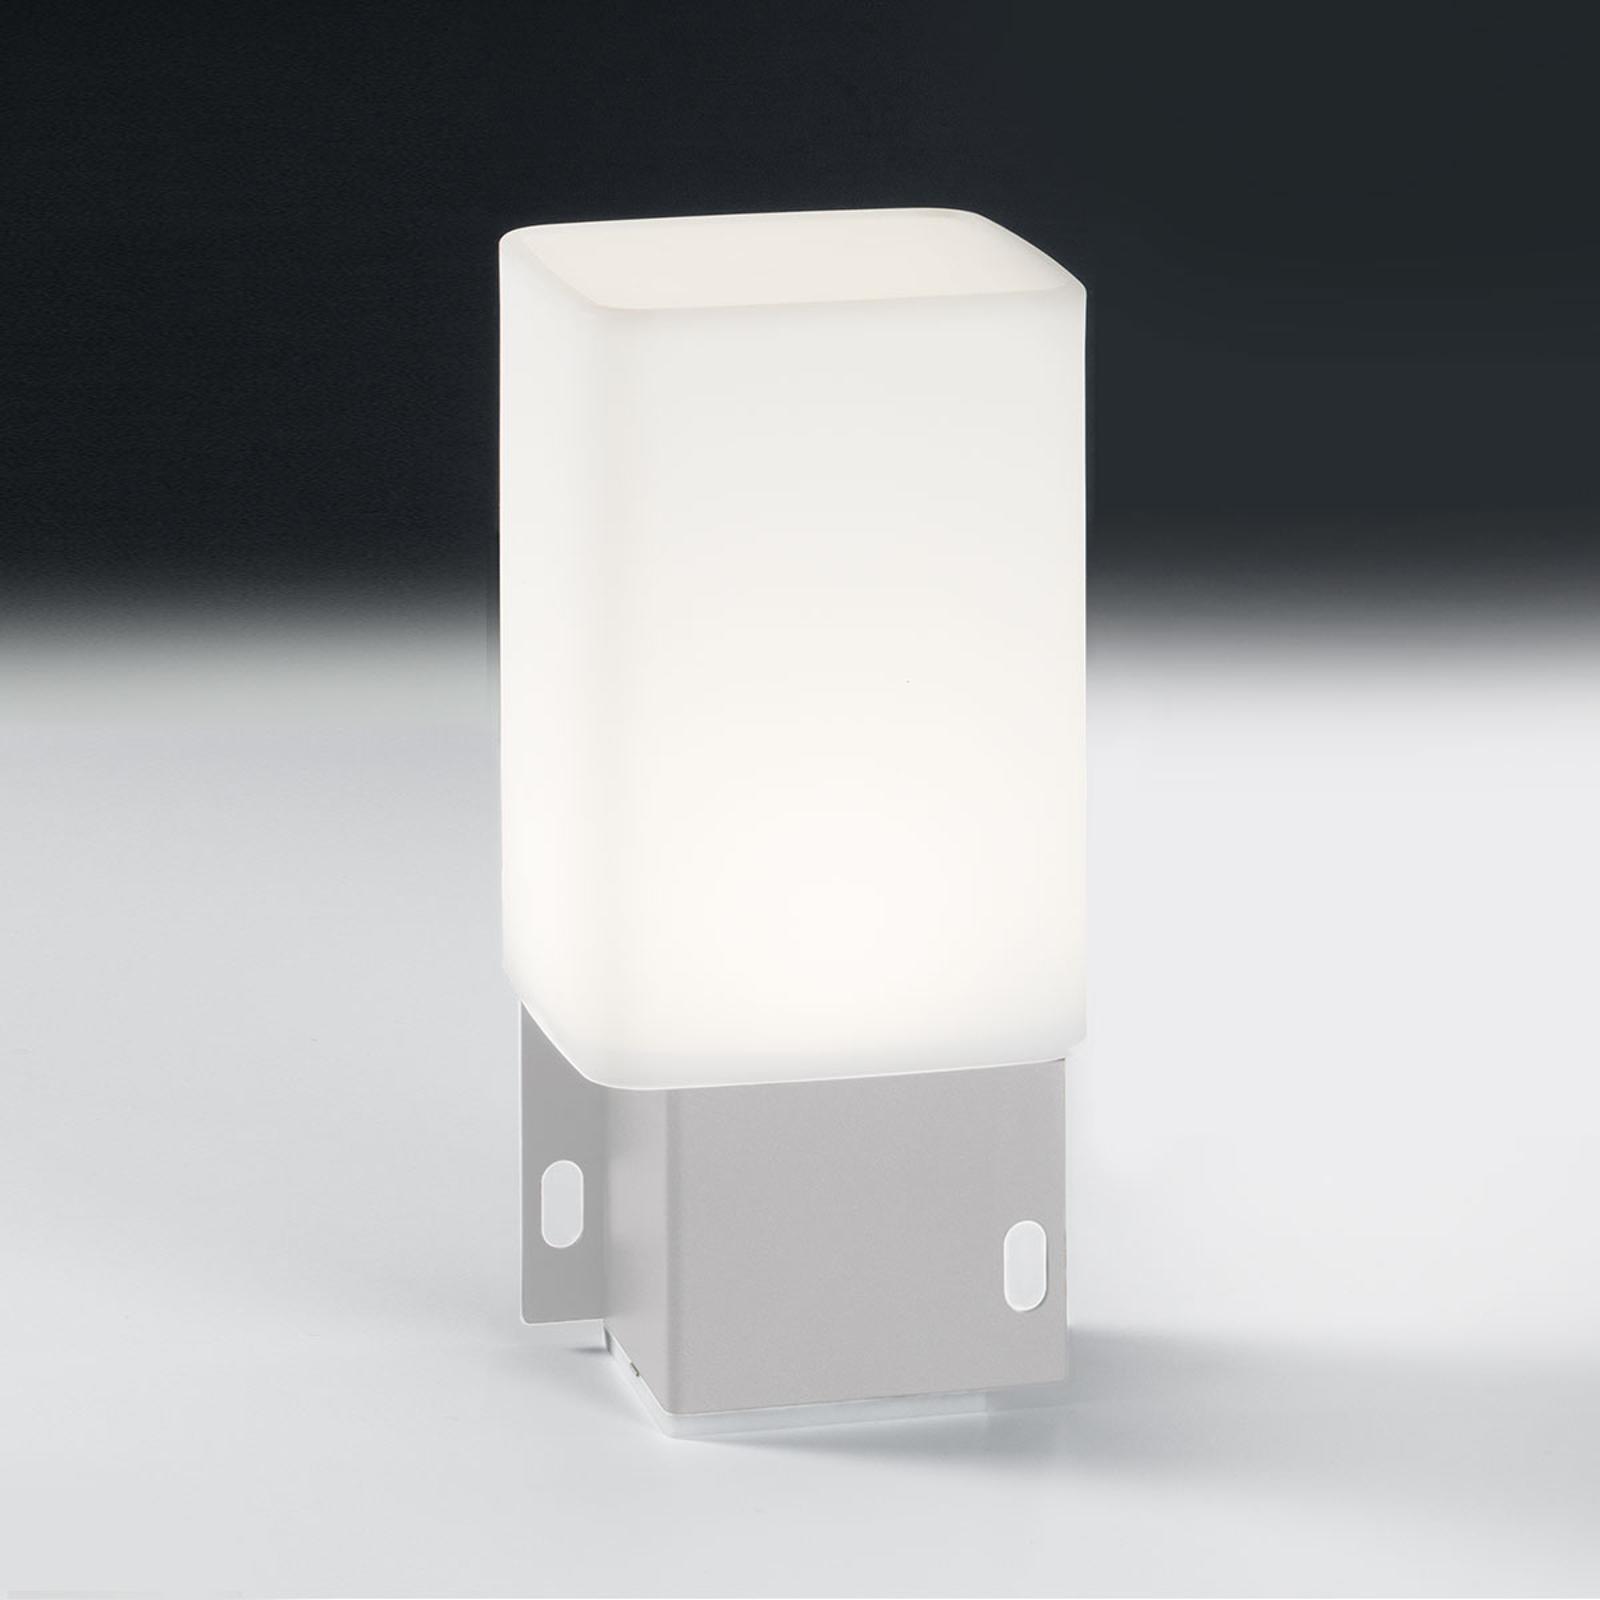 LED-ulkokoristevalaisin Cuadrat - 1 USB valkoinen